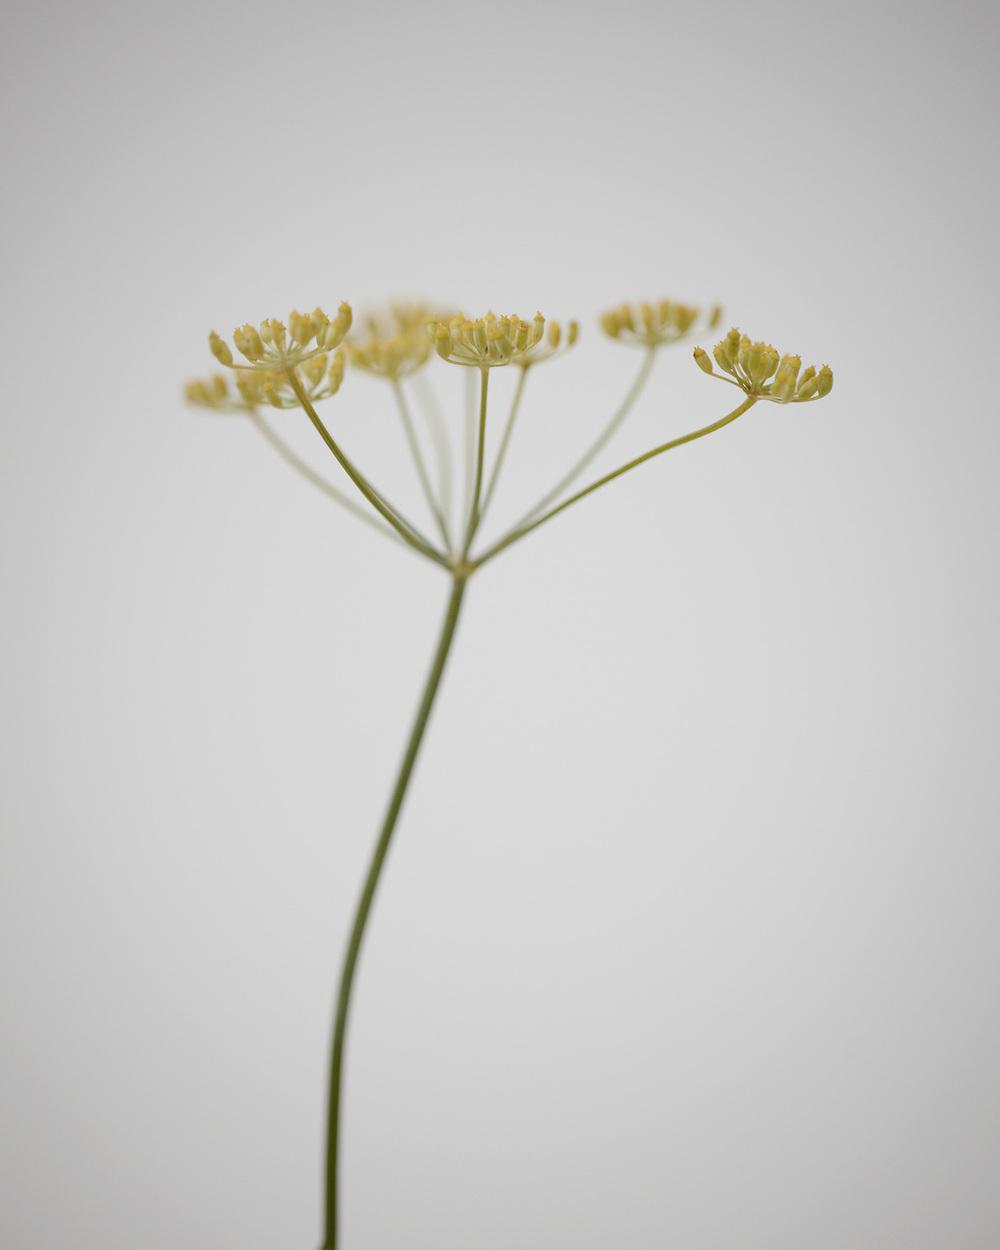 07_Weeds.jpg